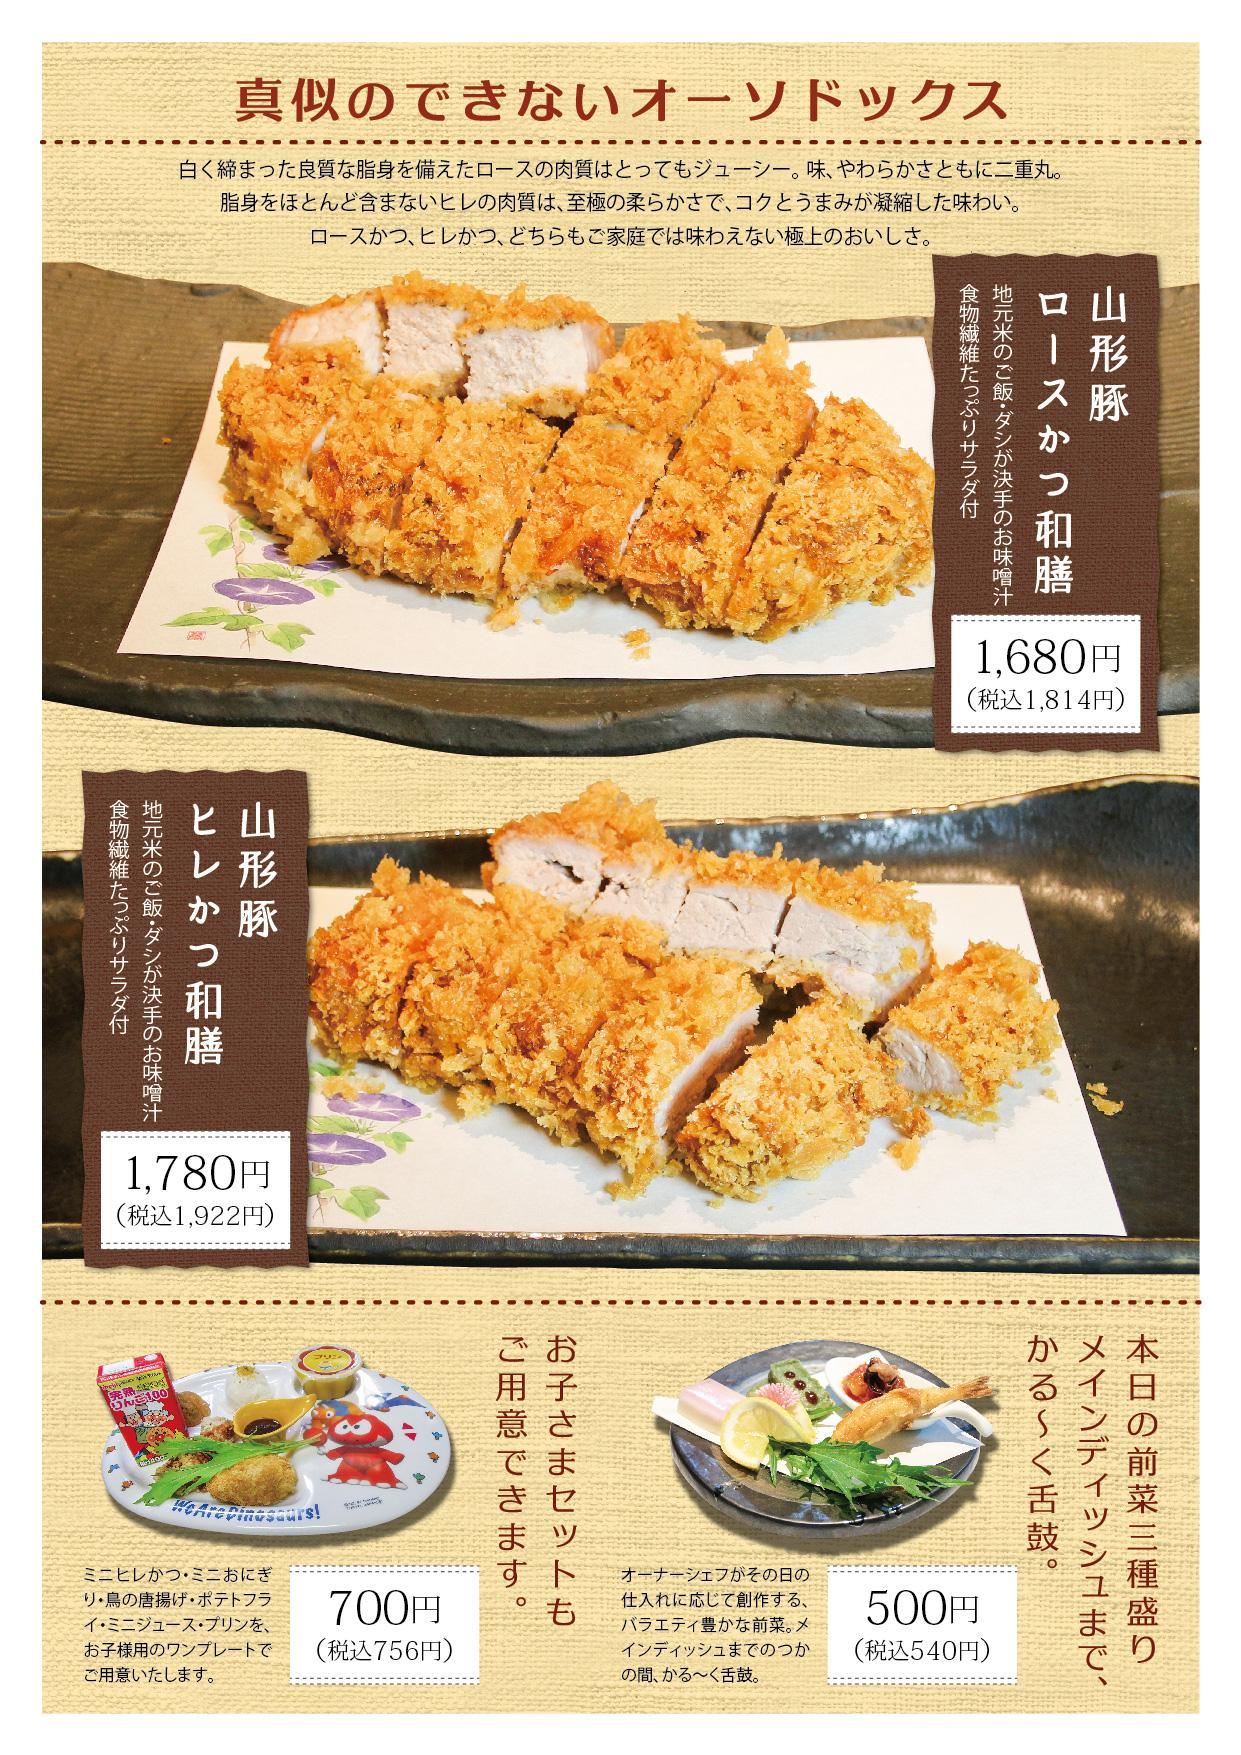 とんかつ味里 飲食店ディナーメニューデザイン07